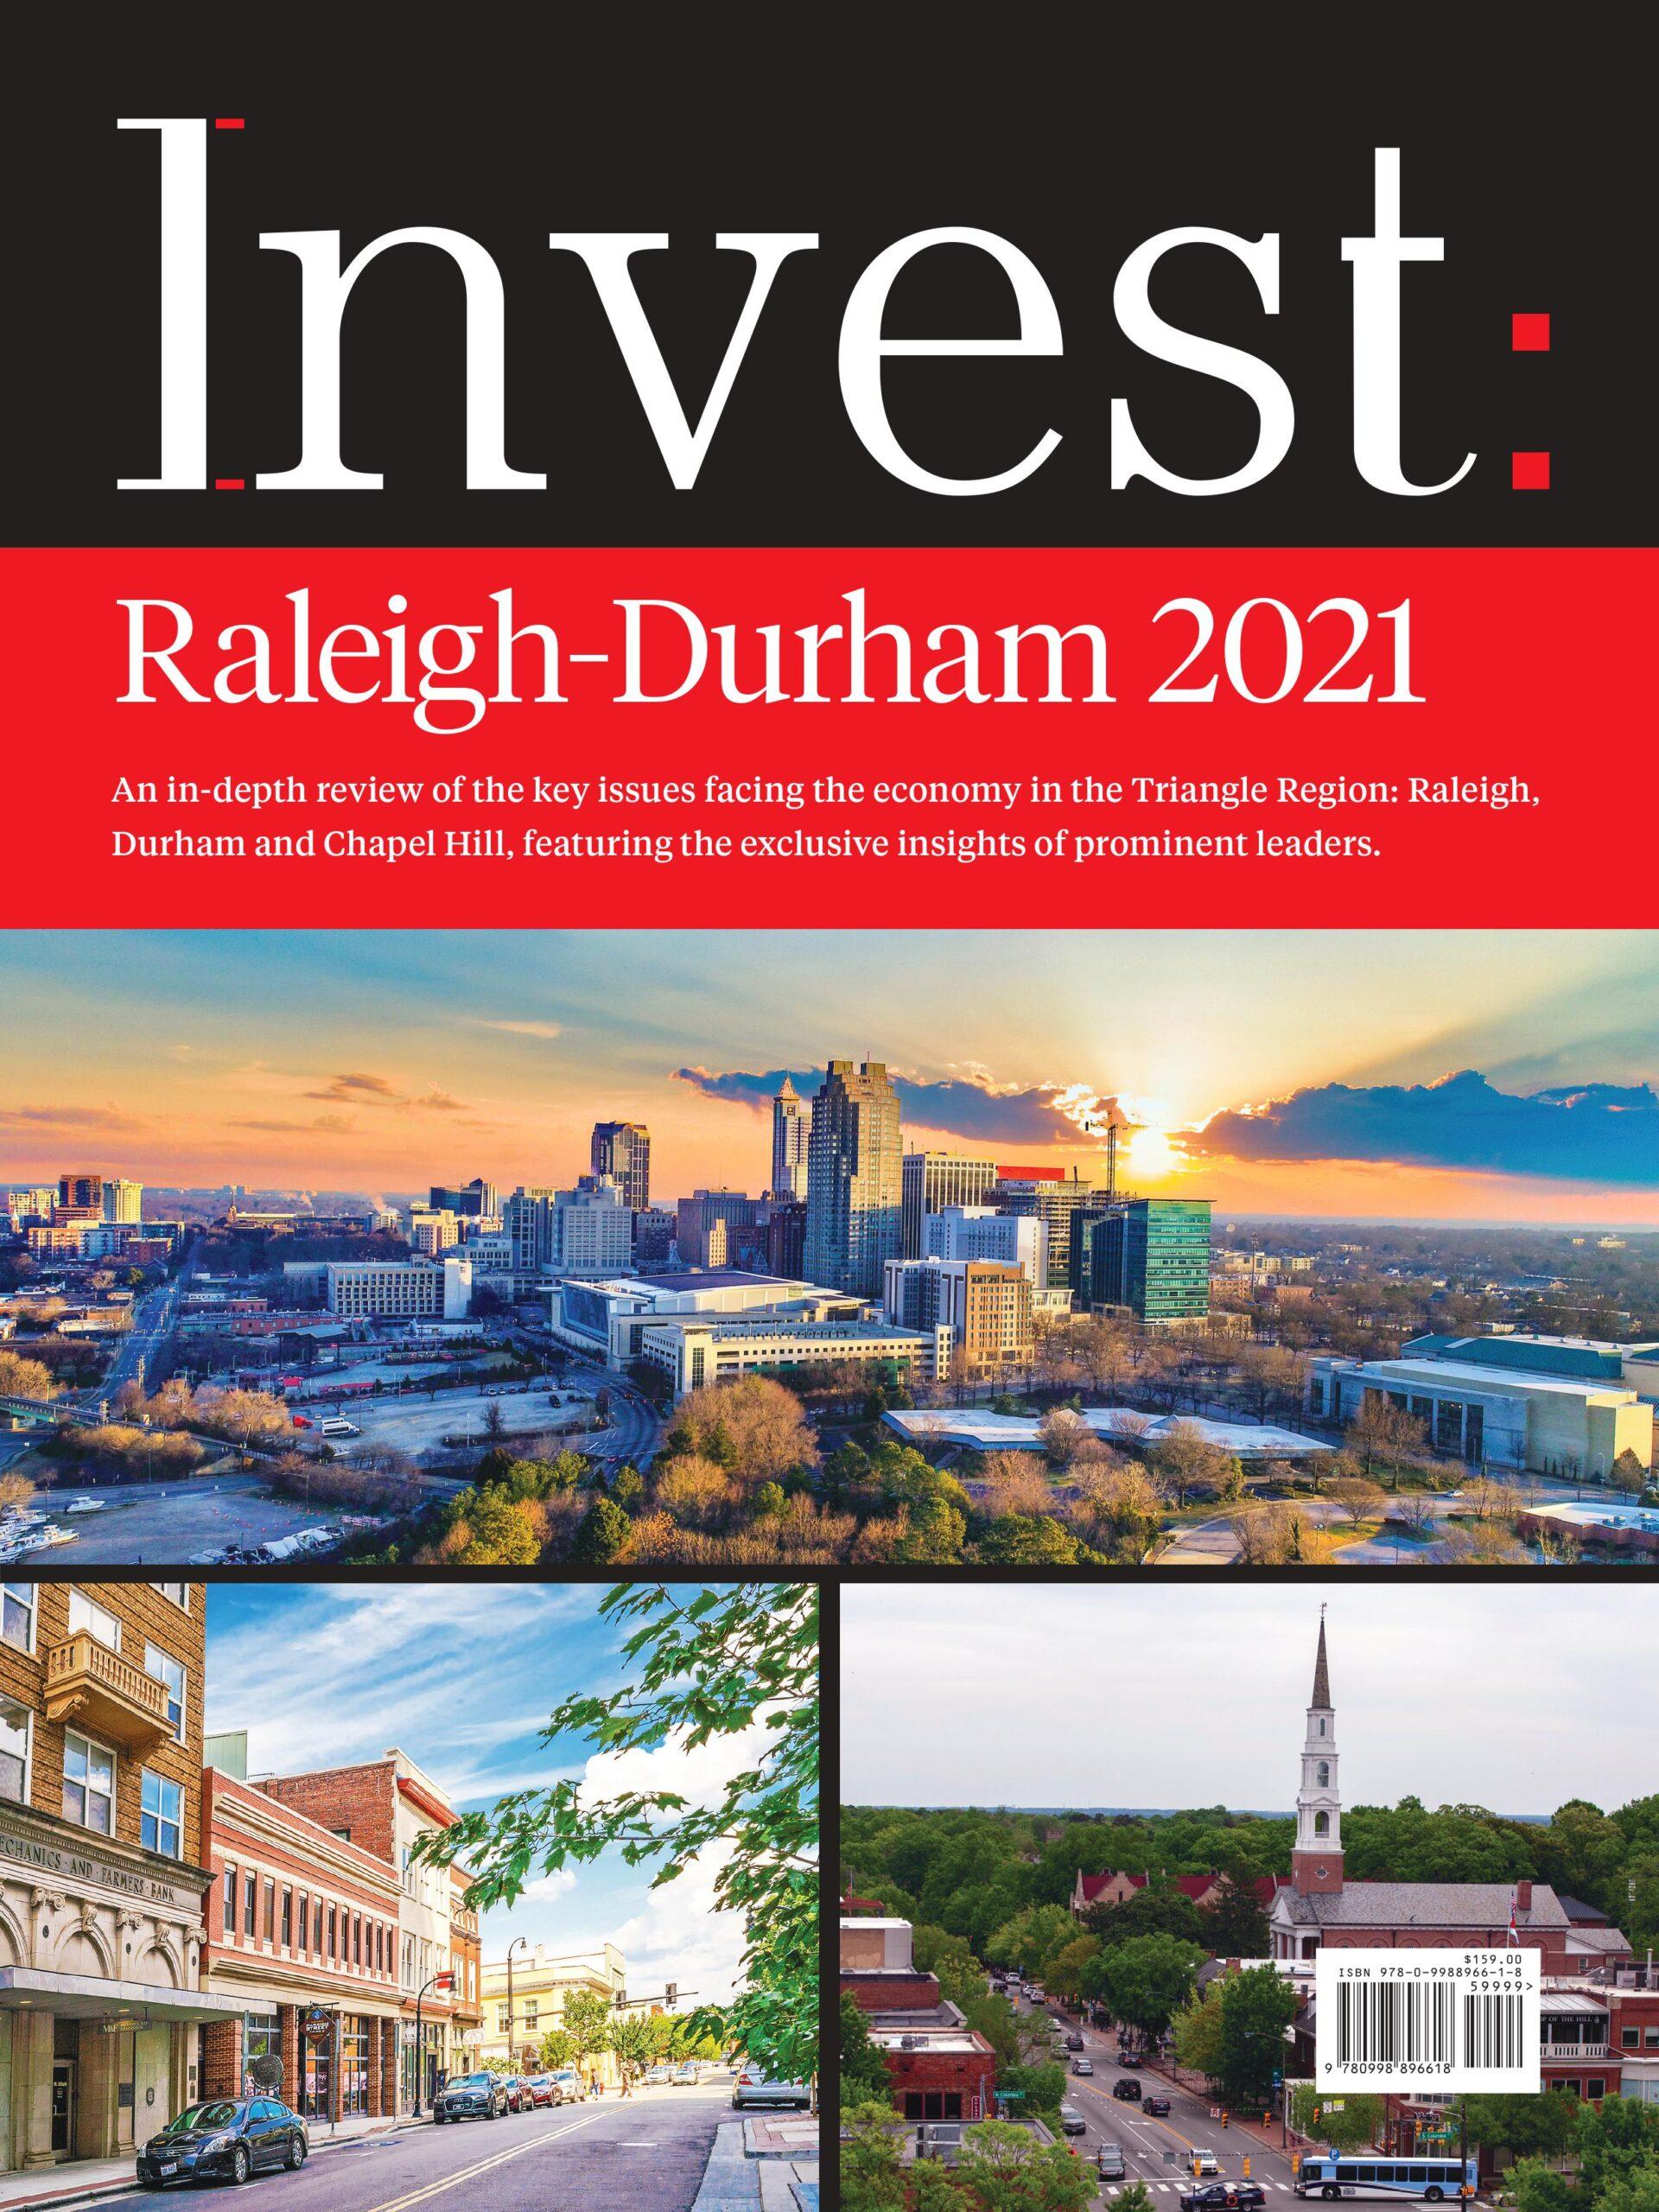 Invest: Raleigh-Durham 2021